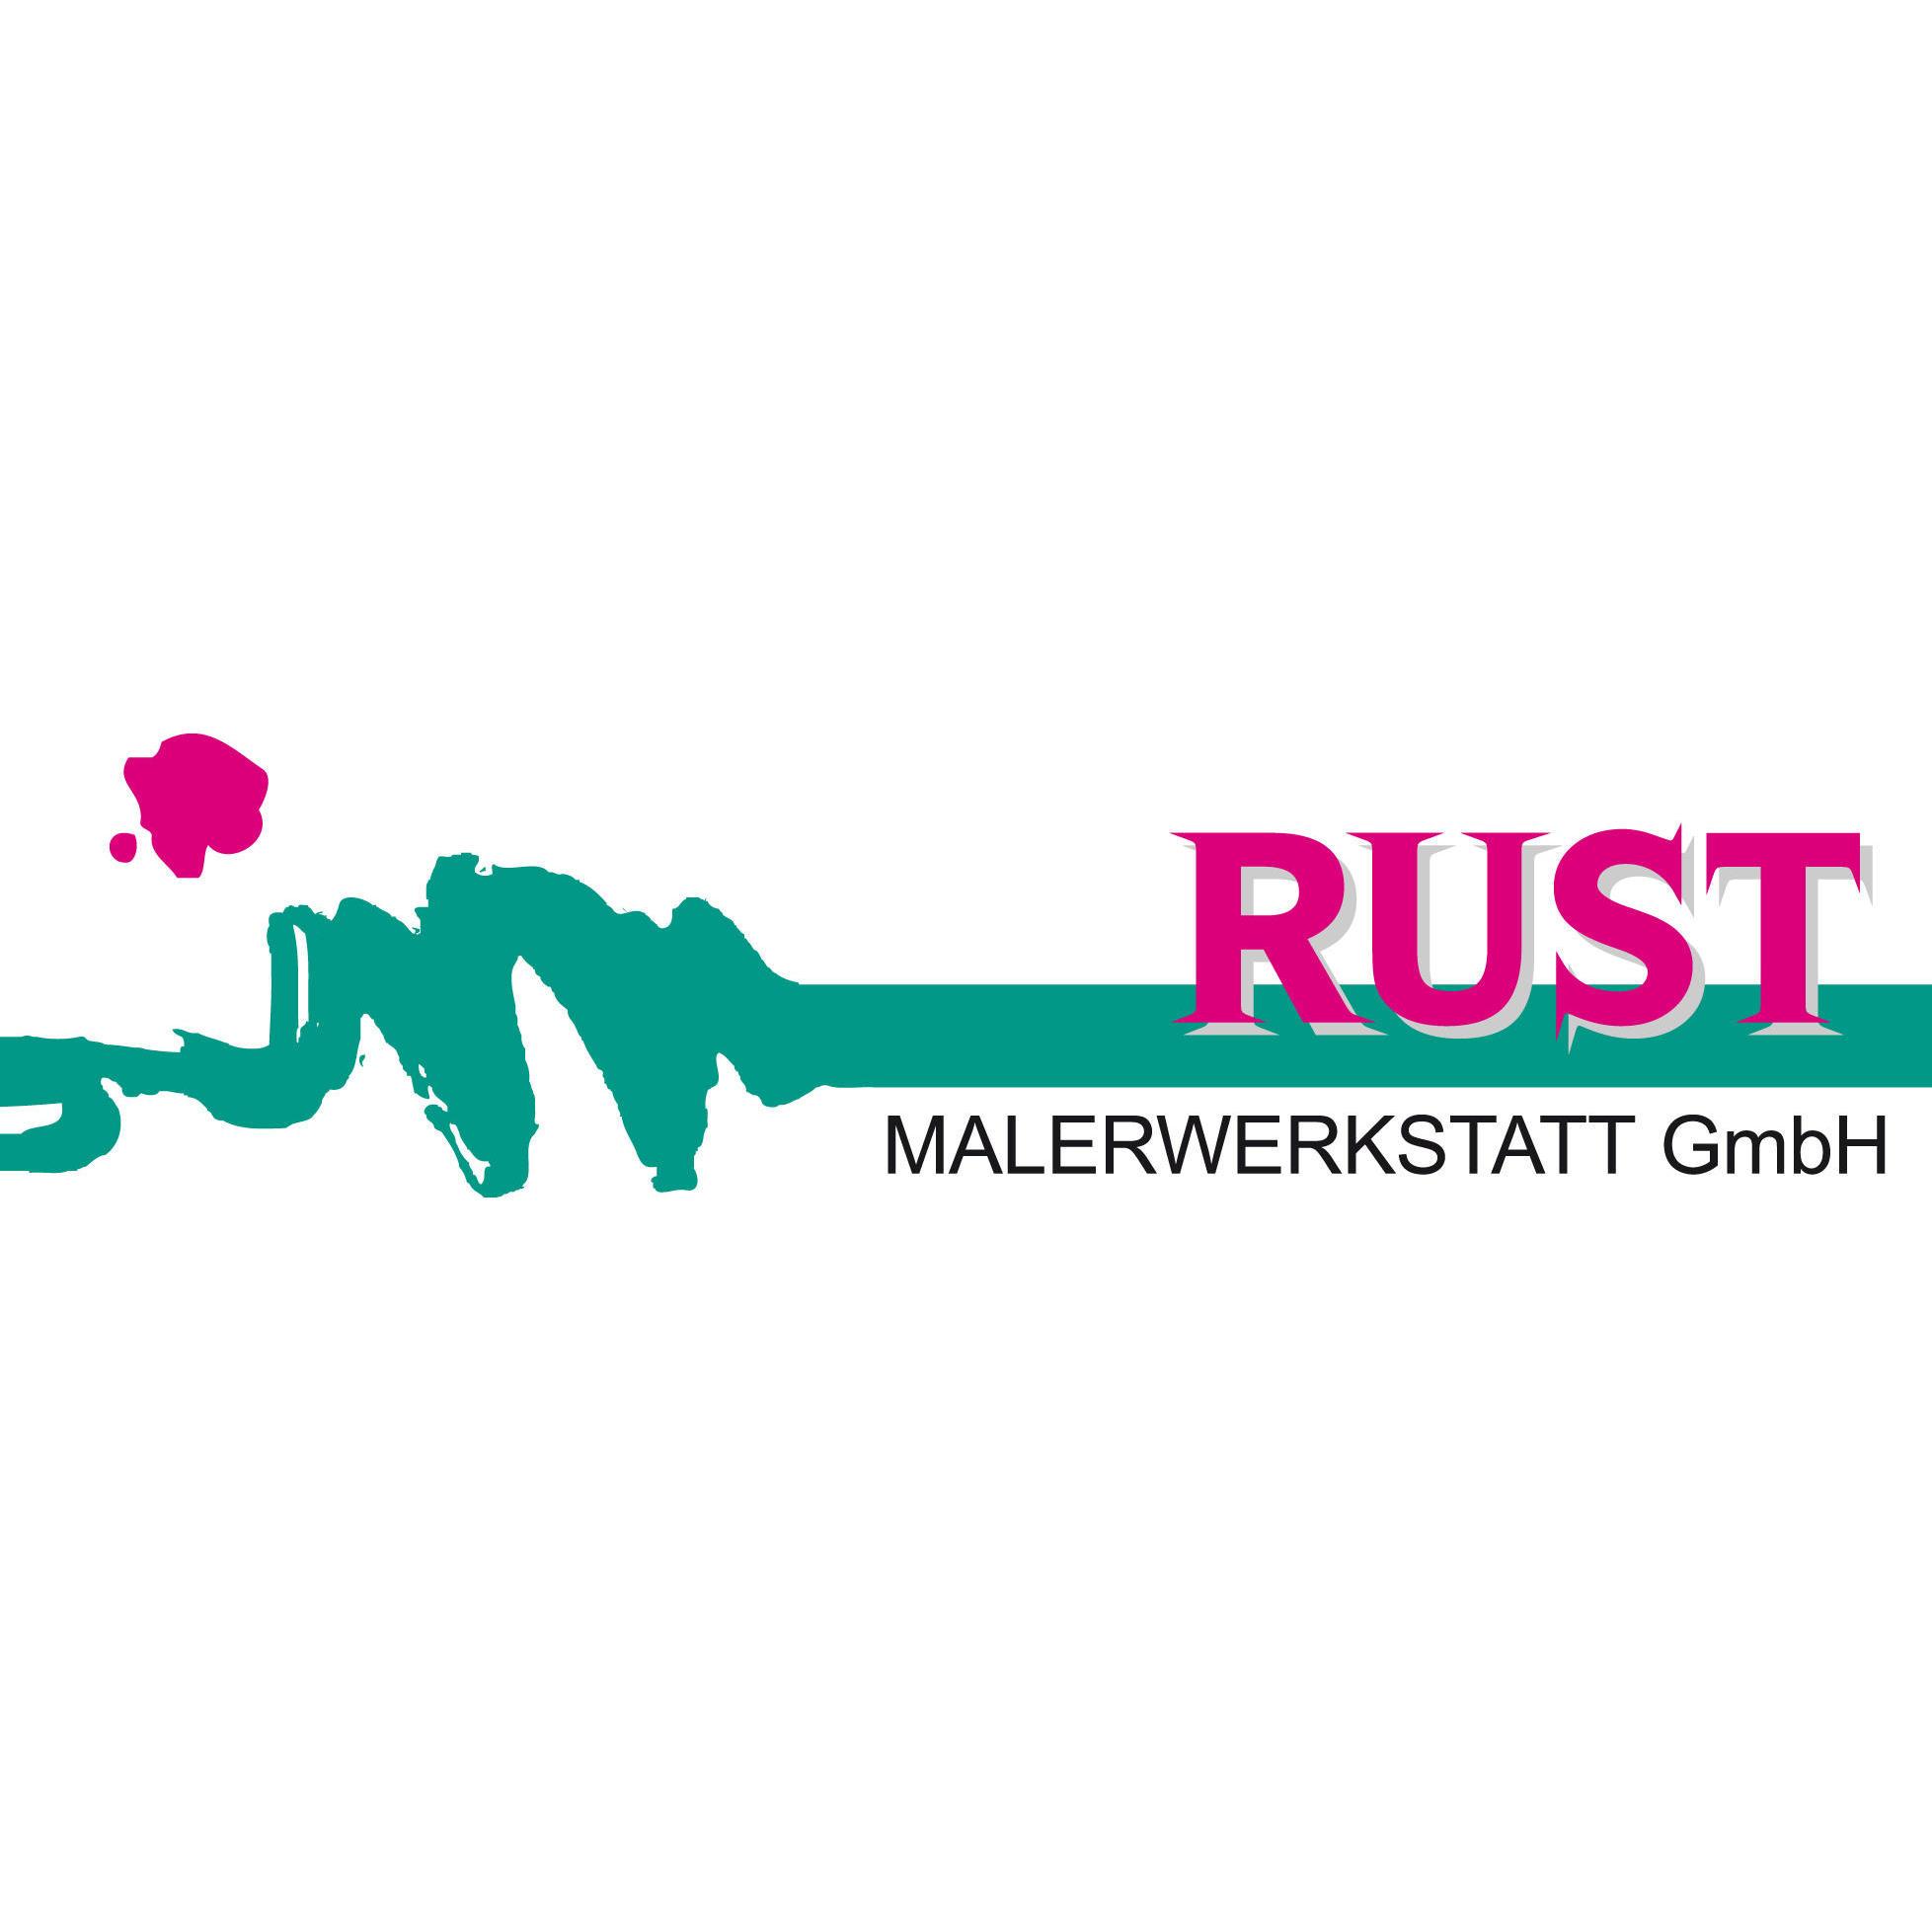 Bild zu Malerwerkstatt Rust GmbH in Rheinberg